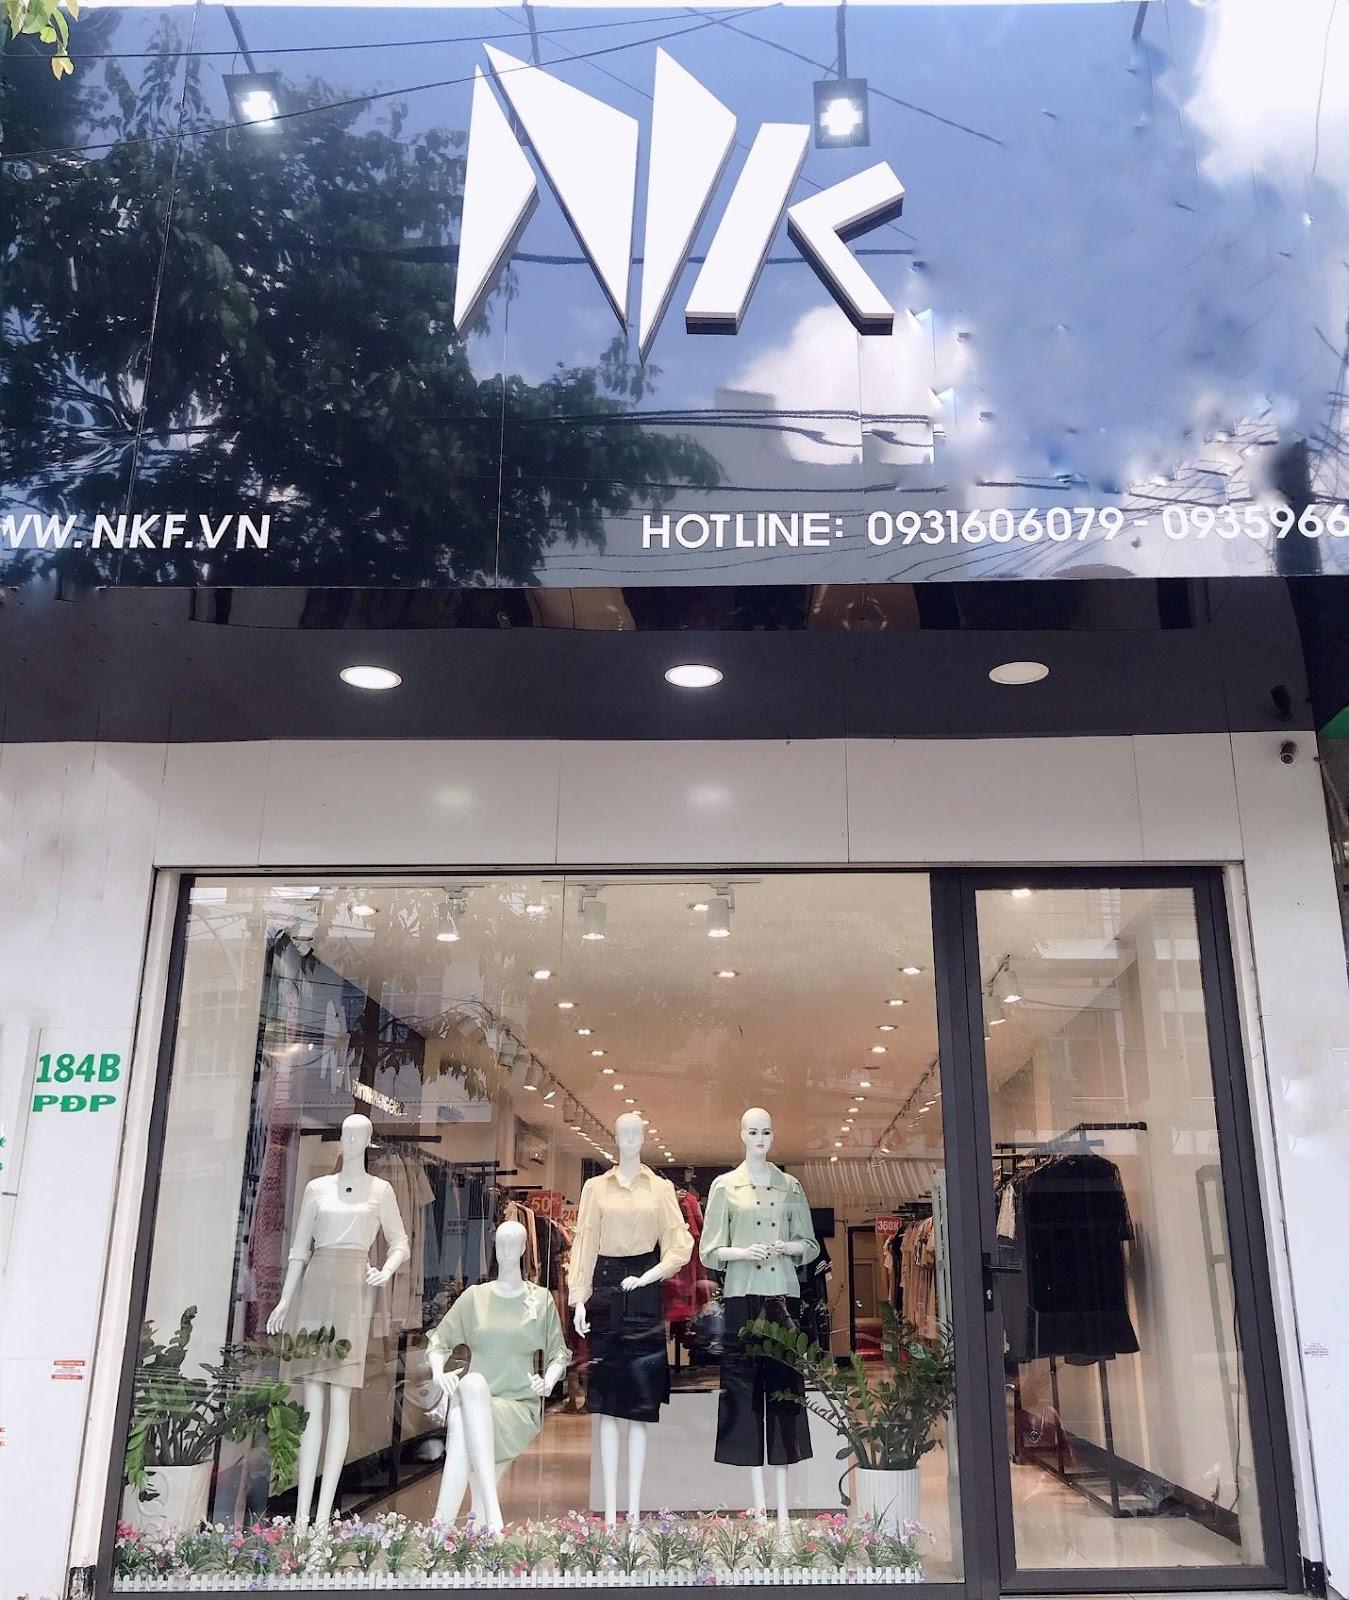 Bắt trend xu hướng Tết 2021 cùng NK Fashion – Thời trang Hàn Quốc - Ảnh 1